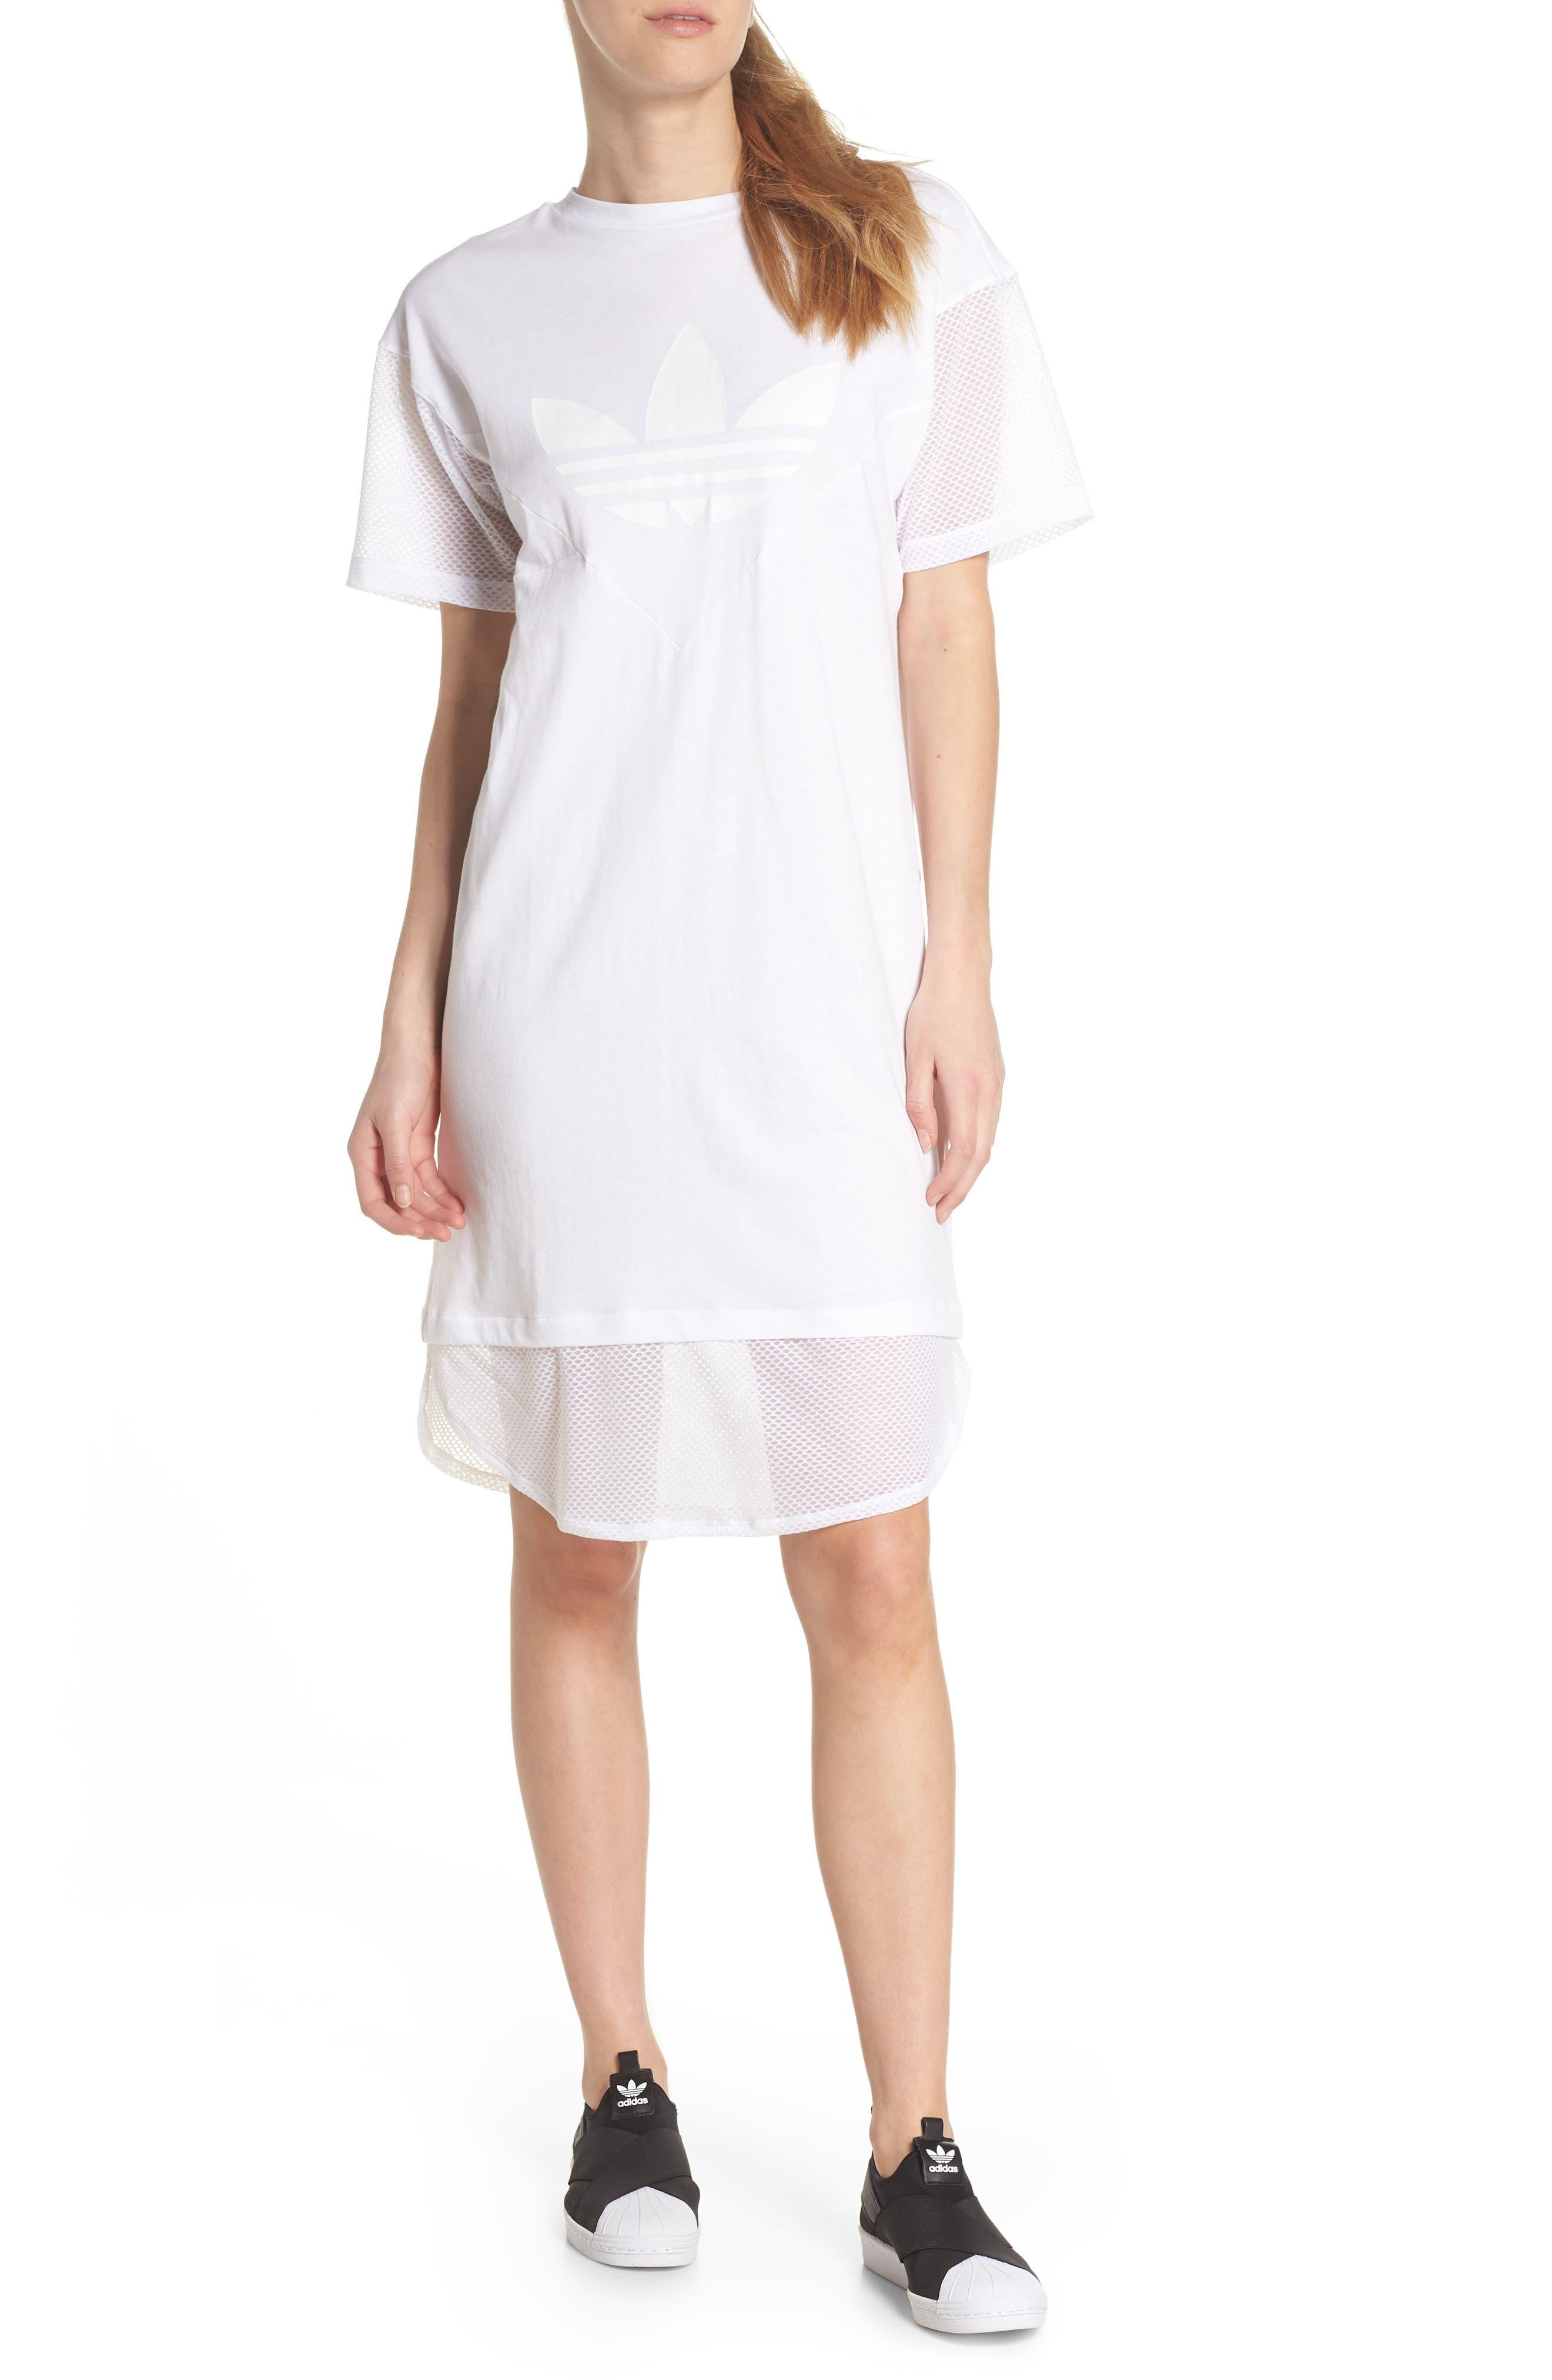 CLRDO T-Shirt Dress,                         Main,                         color, 100